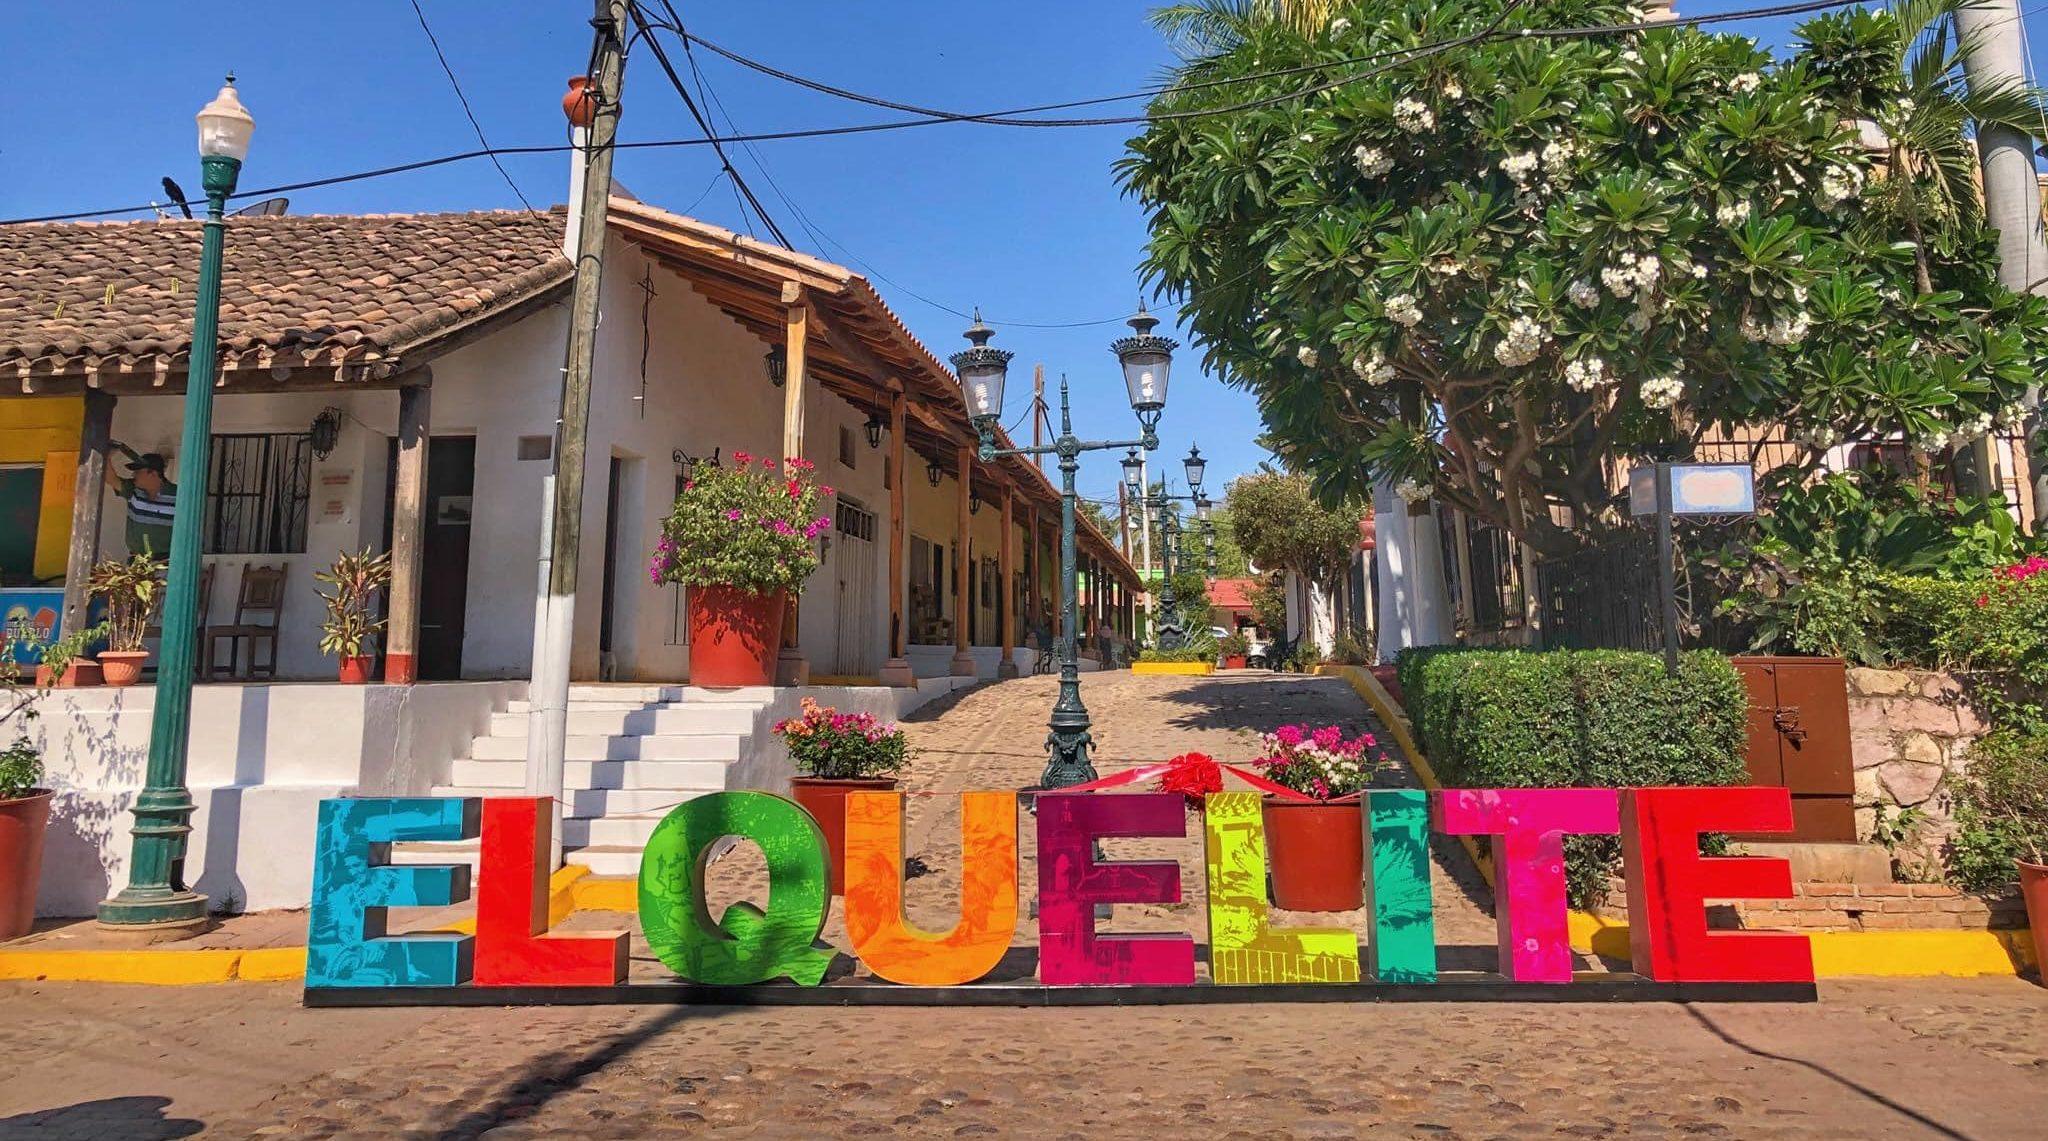 El Quelite, uno de los pueblos señoriales de Sinaloa que se ubica a menos de 40 minutos de Mazatlán.